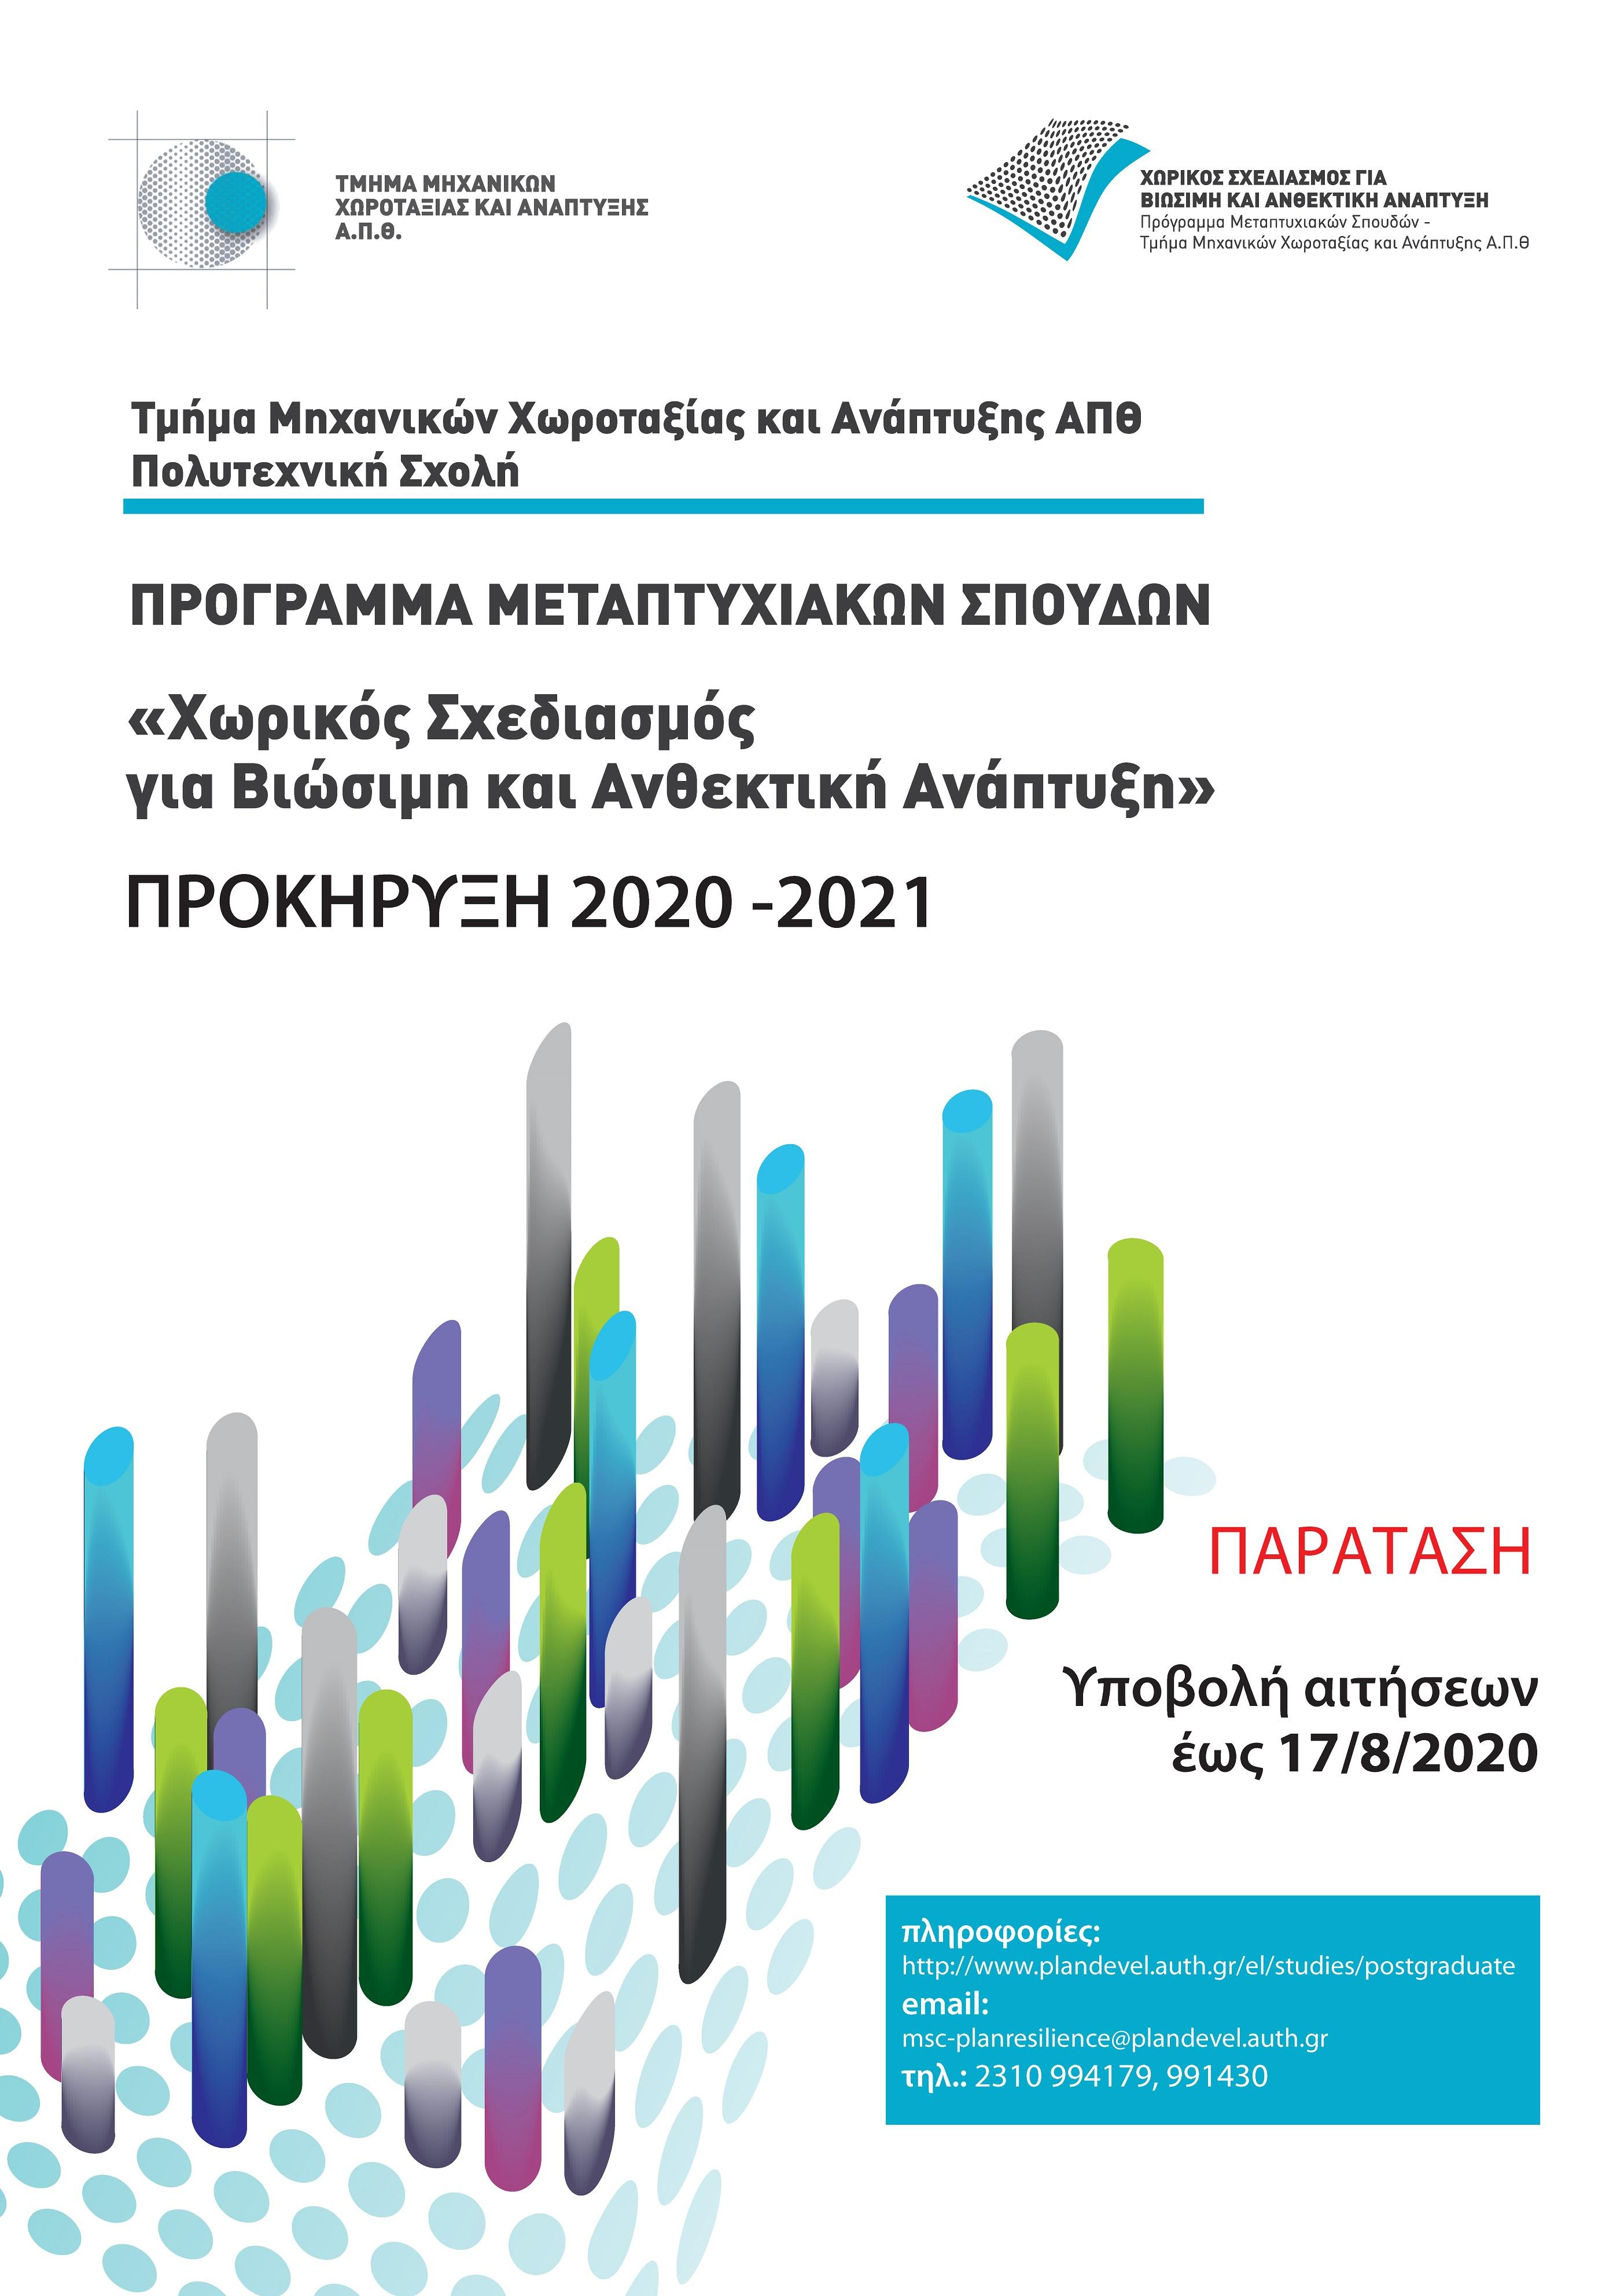 ΠΜΣ Χωρικός Σχεδιασμός για Βιώσιμη και Ανθεκτική Ανάπτυξη ΑΦΙΣΑ 2020-21